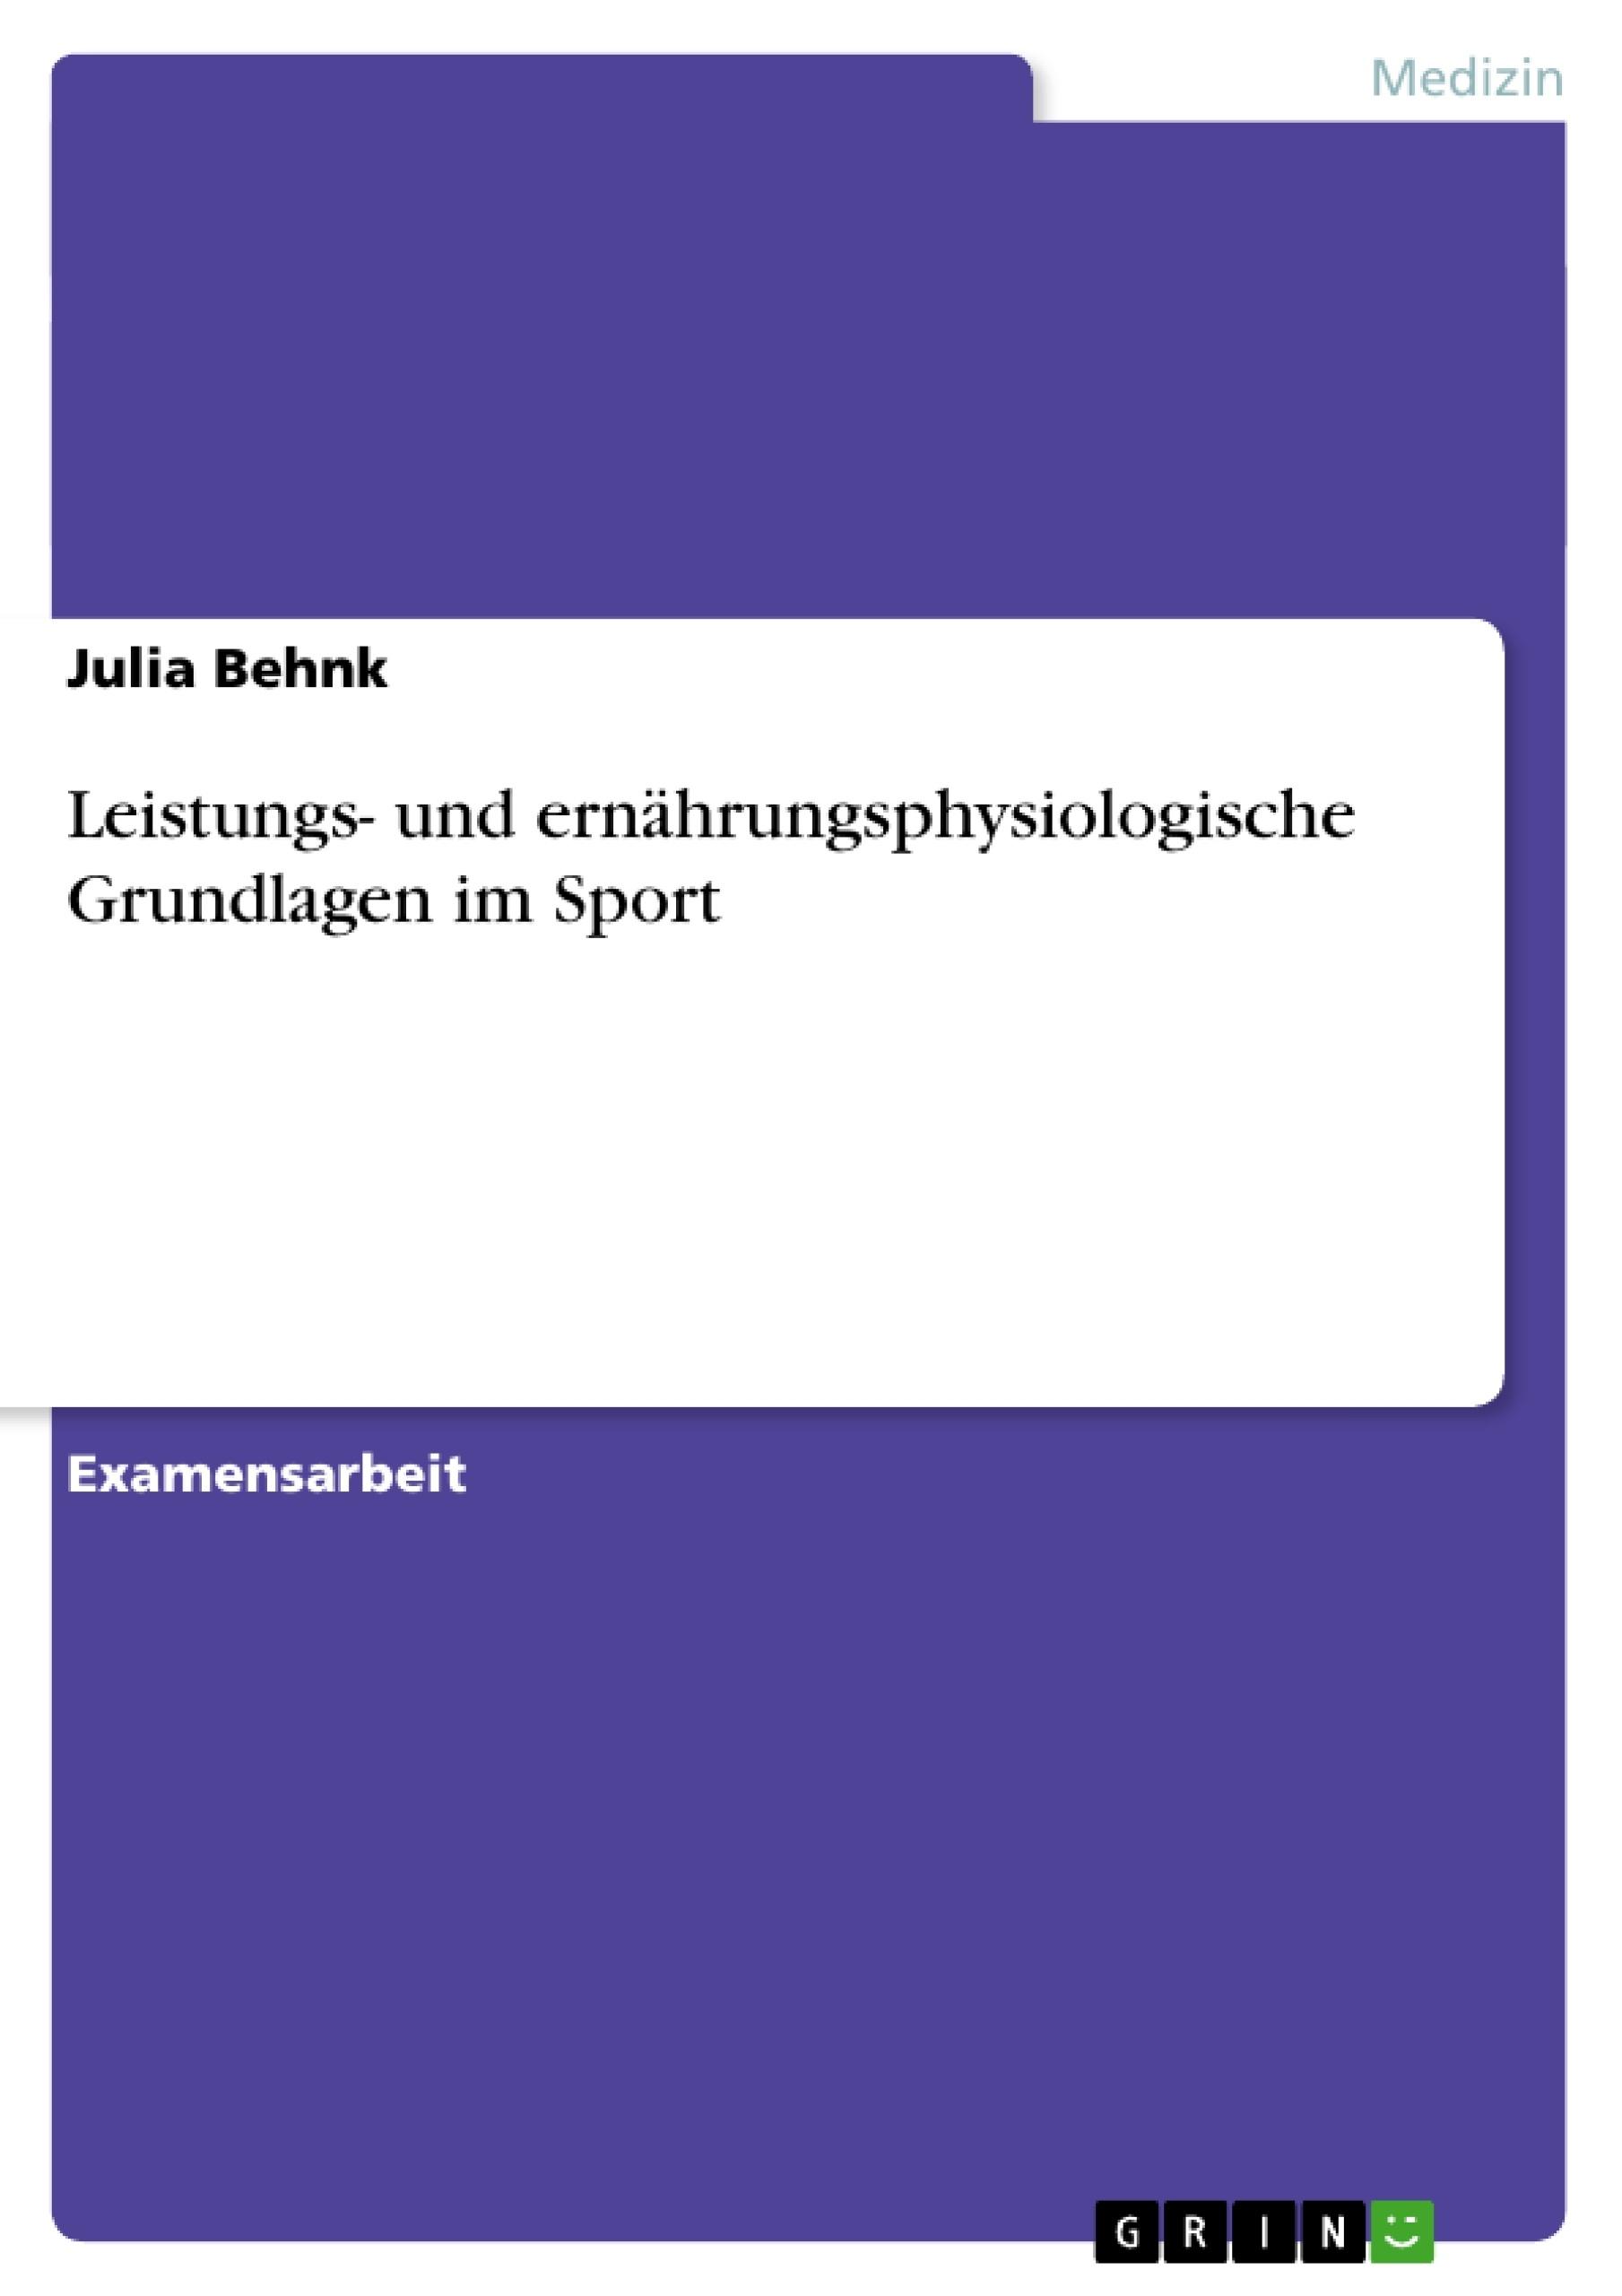 Titel: Leistungs- und ernährungsphysiologische Grundlagen im Sport